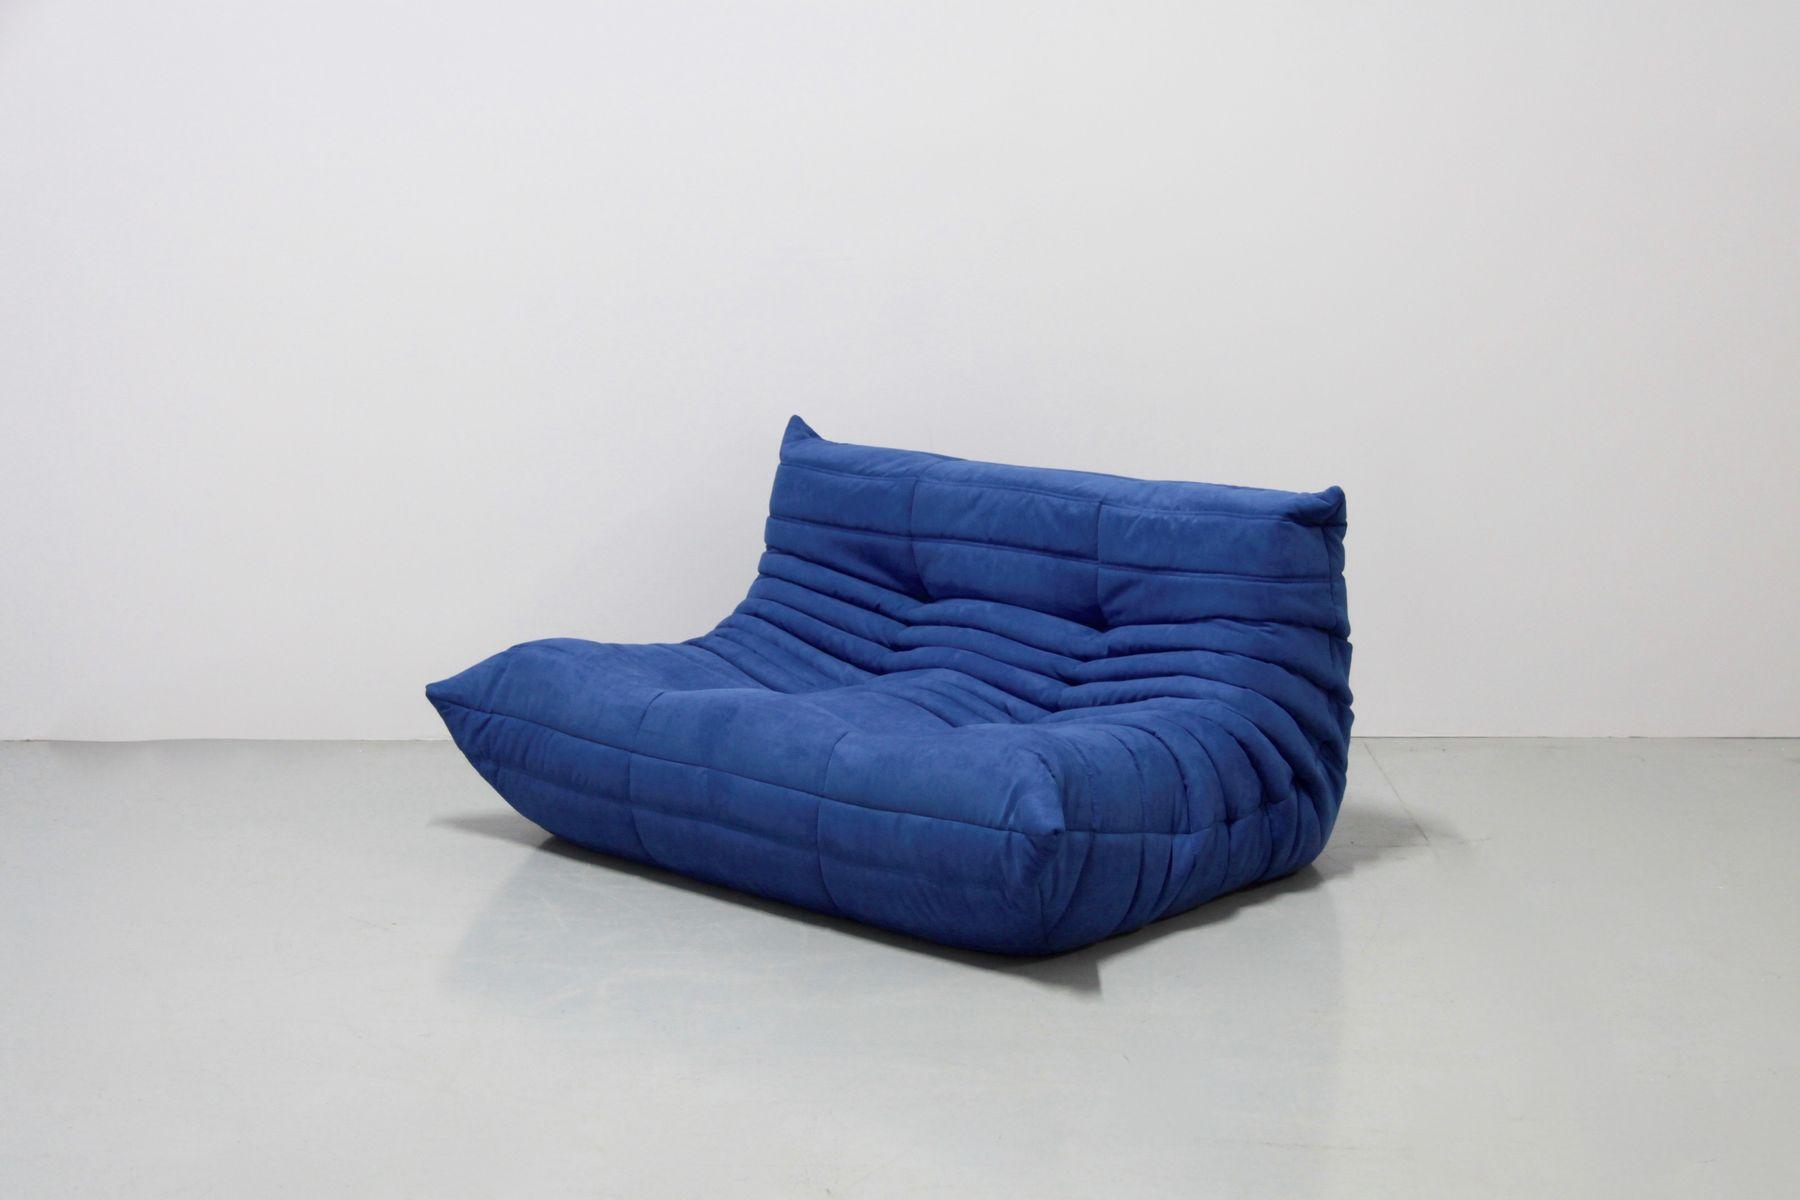 vintage togo sofa set aus blauer mikrofaser von michel ducaroy f r ligne roset 1970er bei. Black Bedroom Furniture Sets. Home Design Ideas